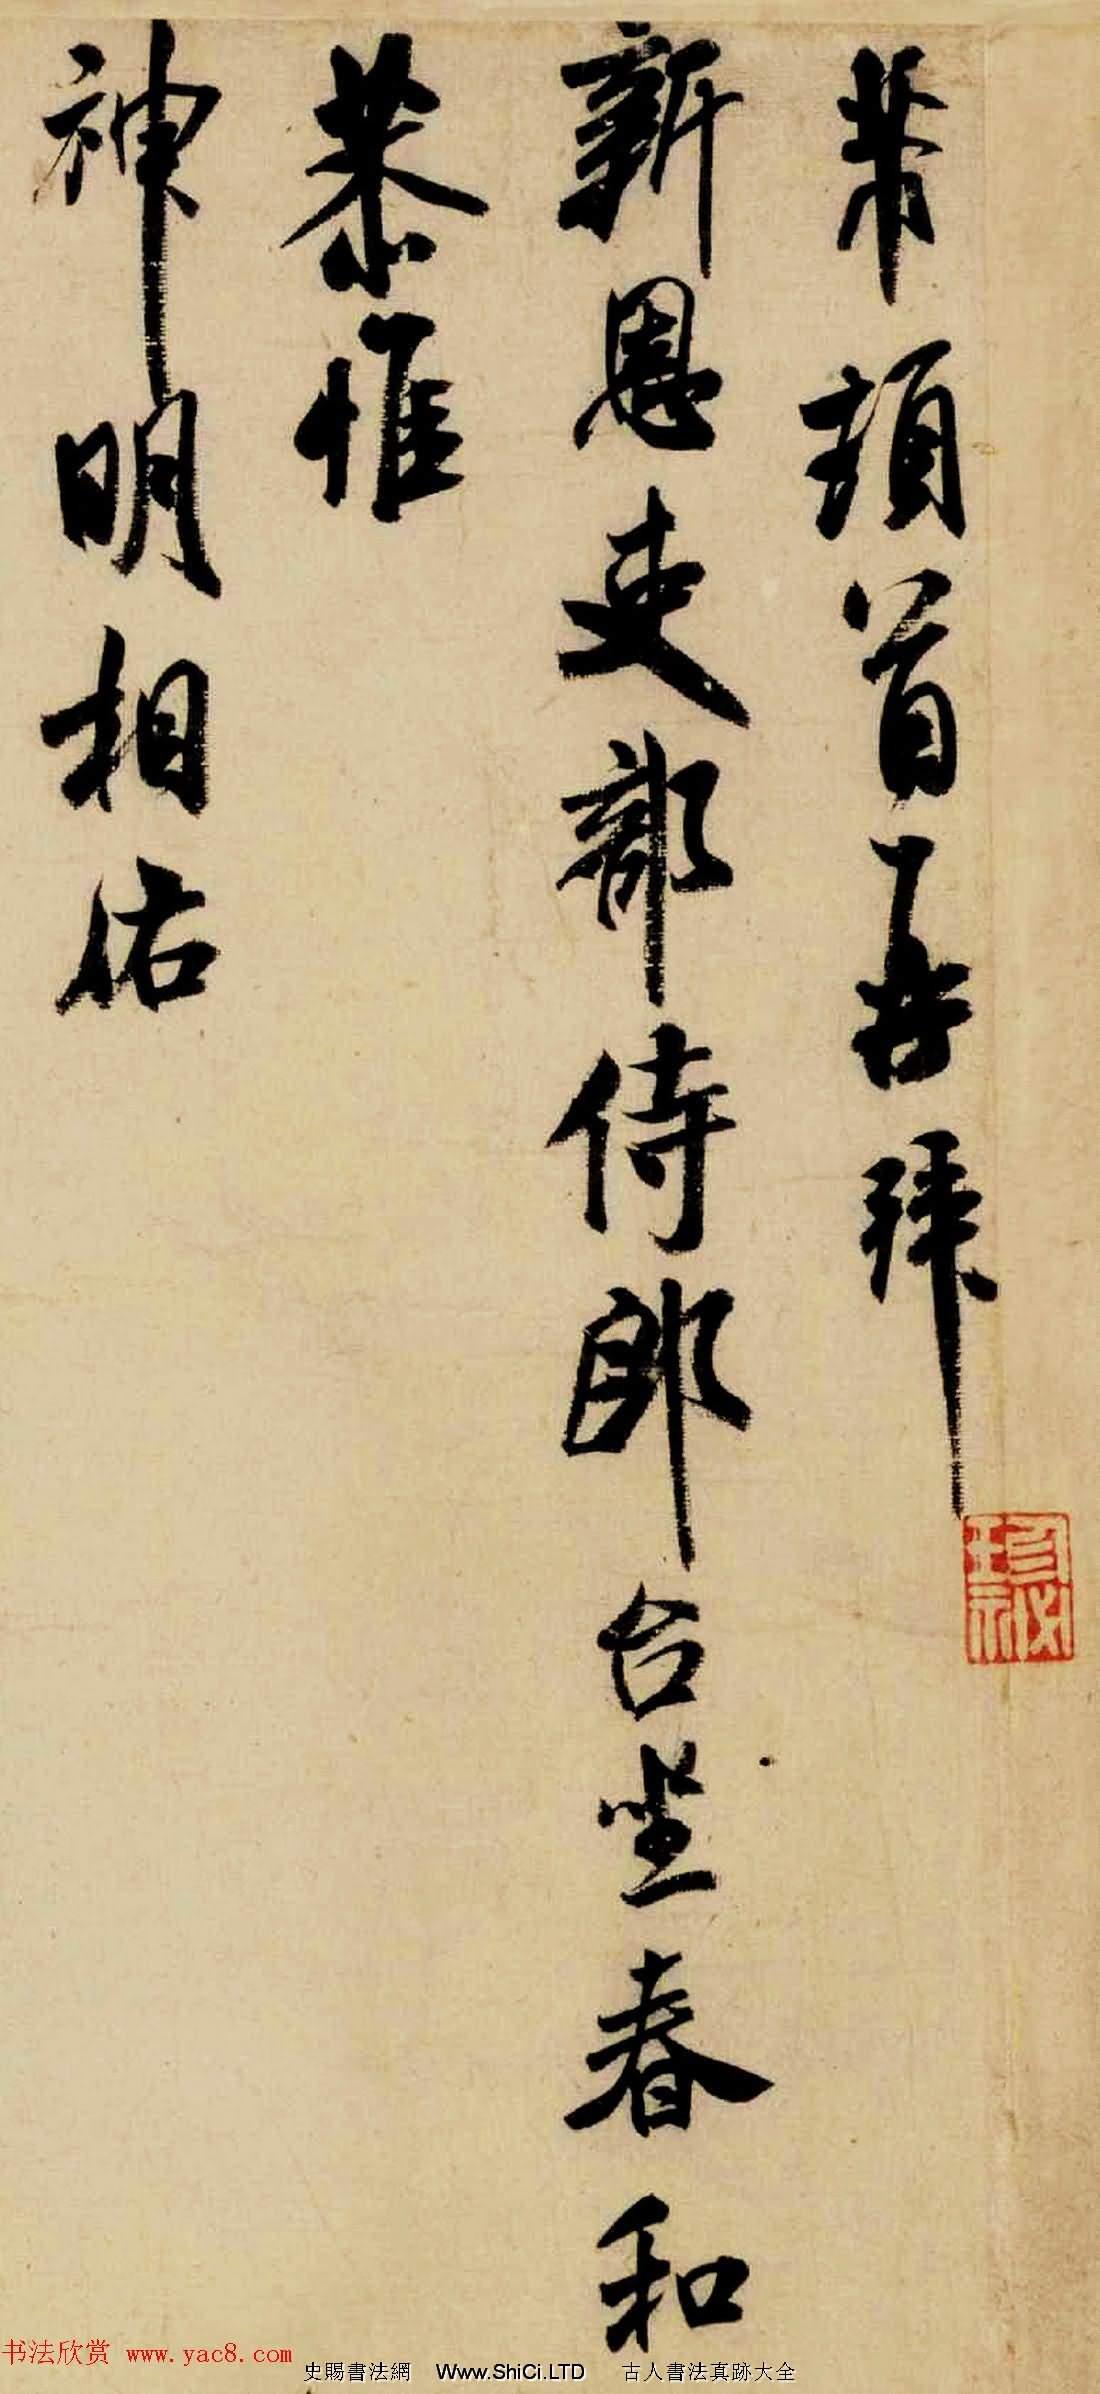 米芾晚期書法作品《行書三札卷》